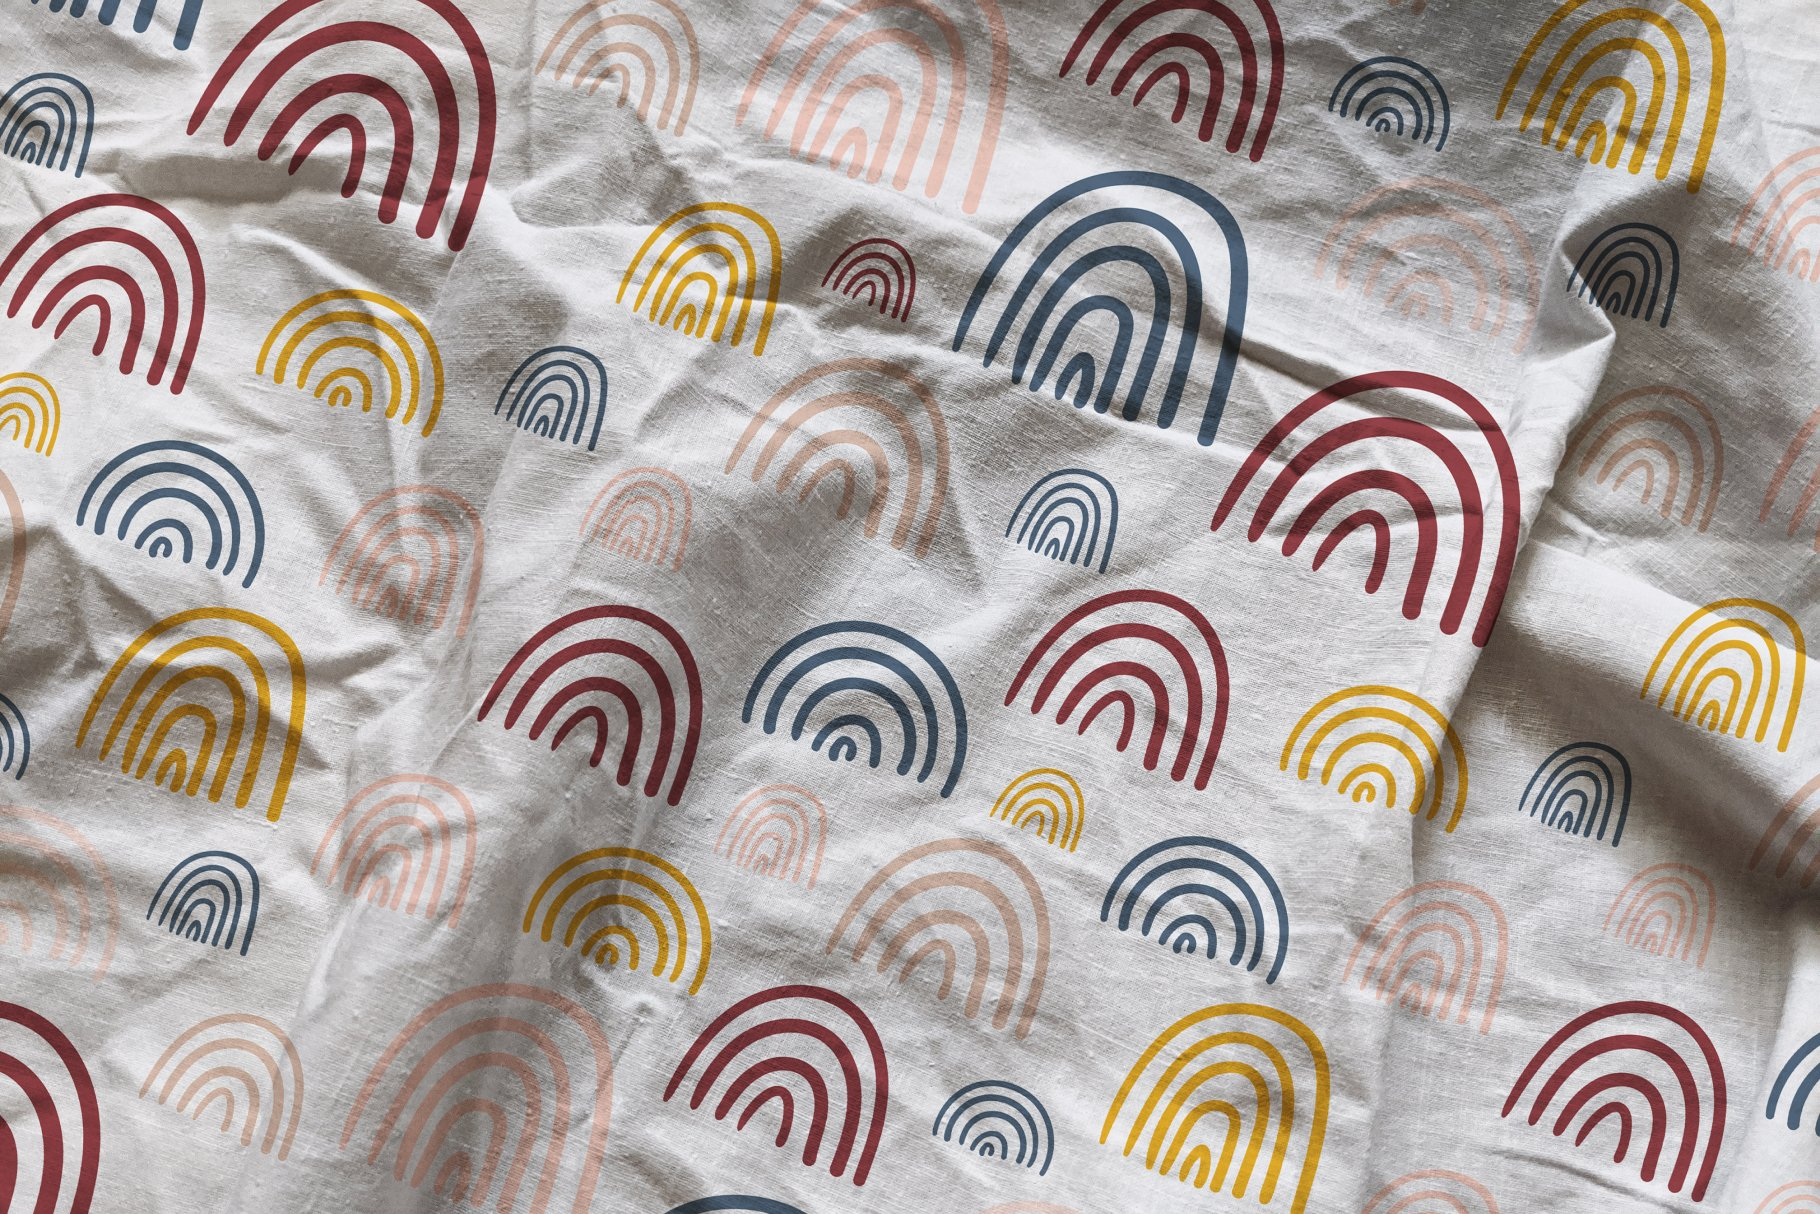 褶皱纺织面料布料印花图案设计PS贴图样机模板 Cotton Fabric Mockup插图5